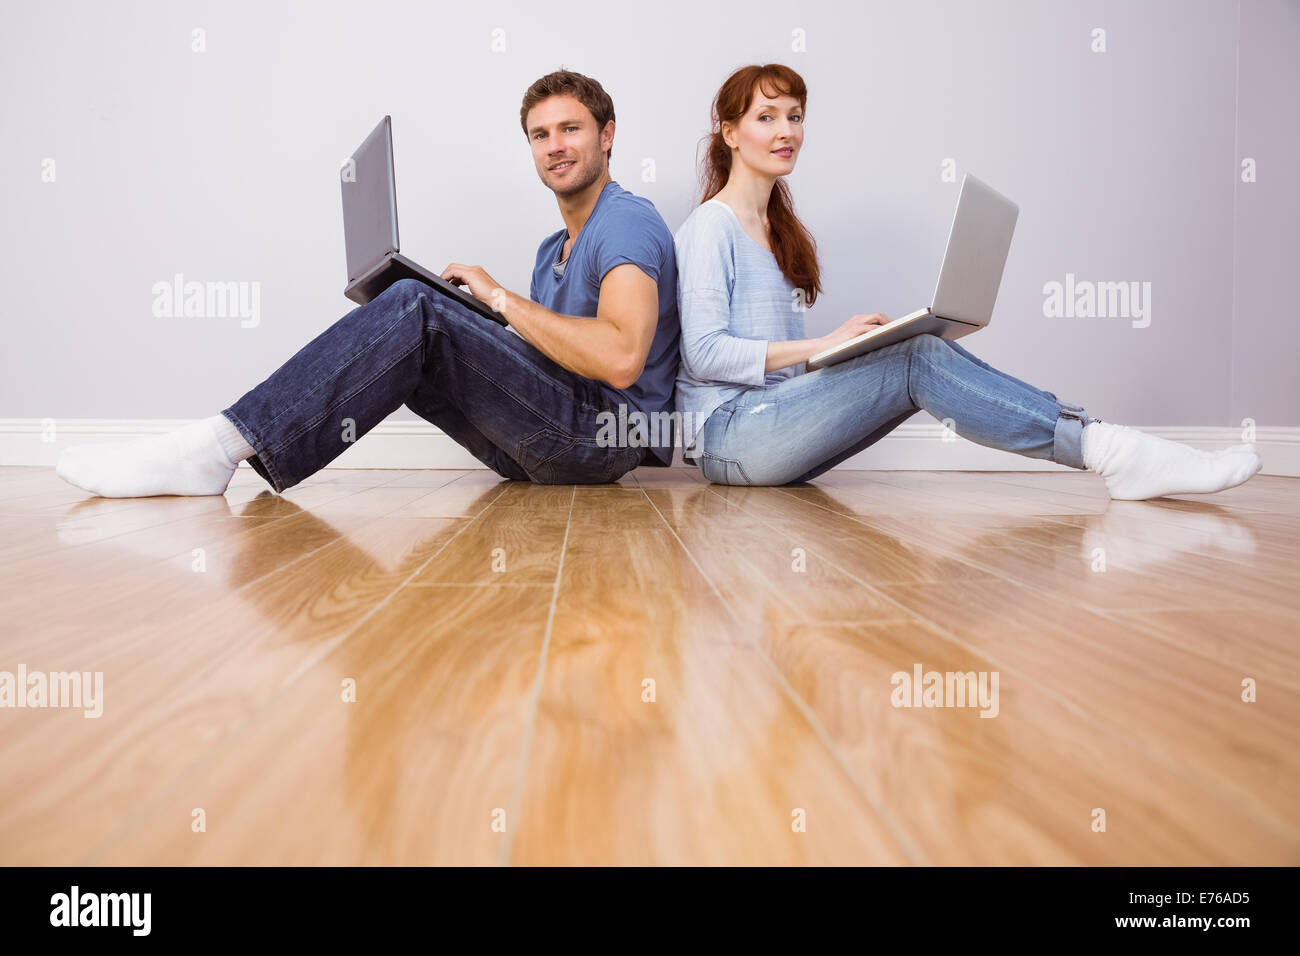 Couple both using laptops separately - Stock Image